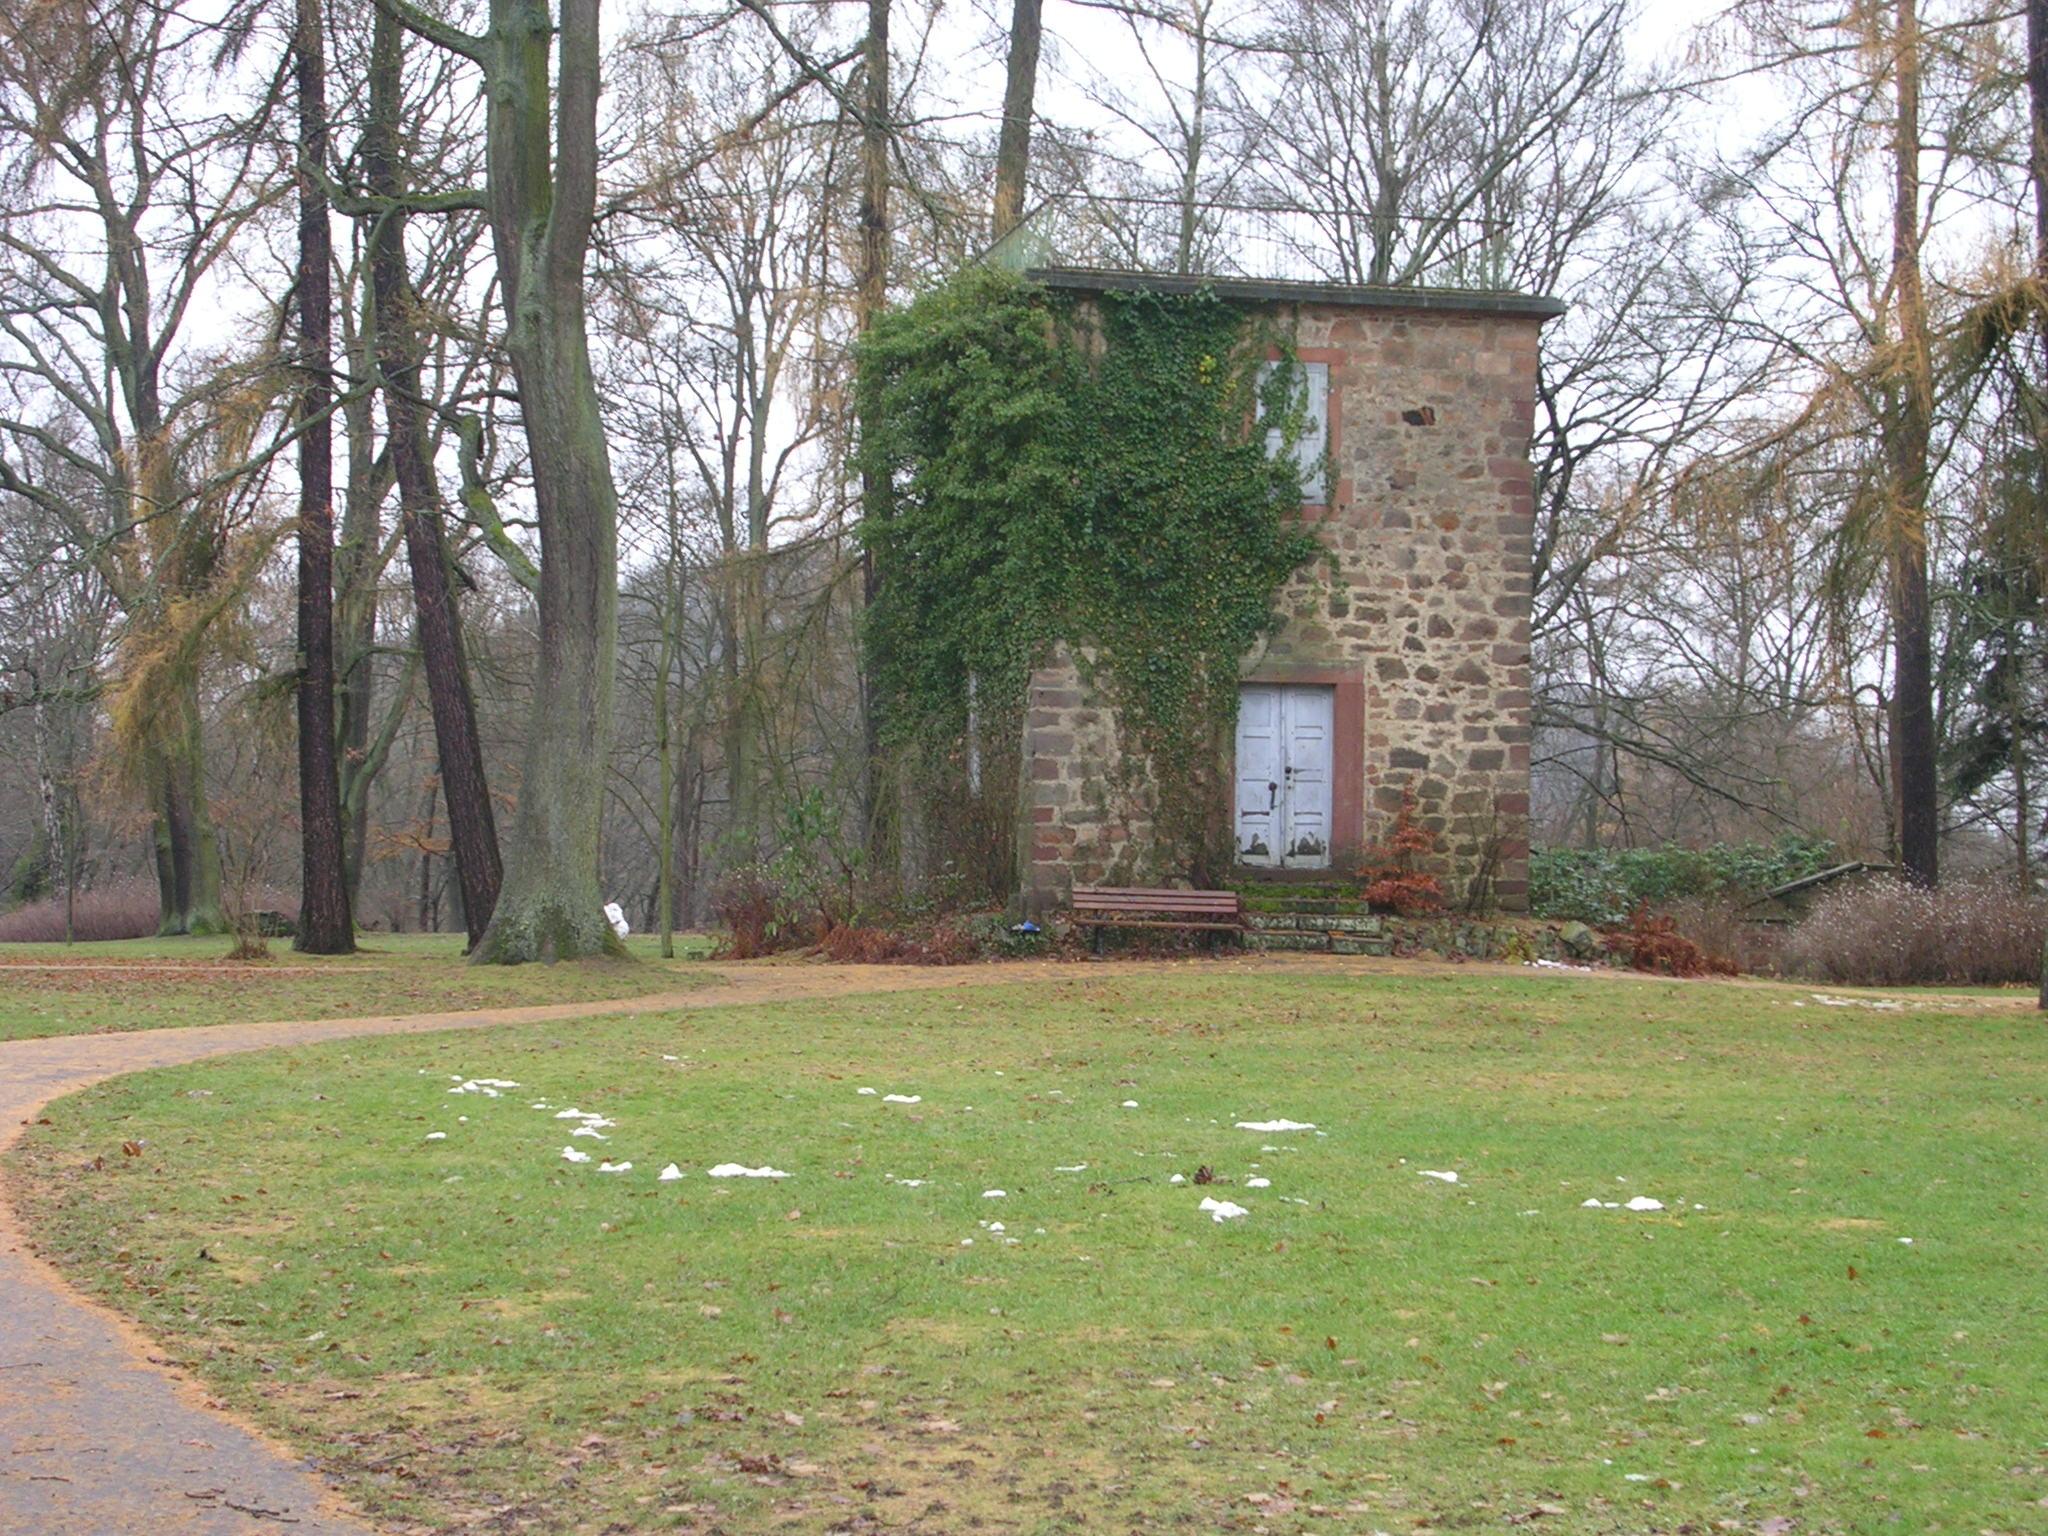 Der meteorologische Turm auf dem Schlossberg in Marburg